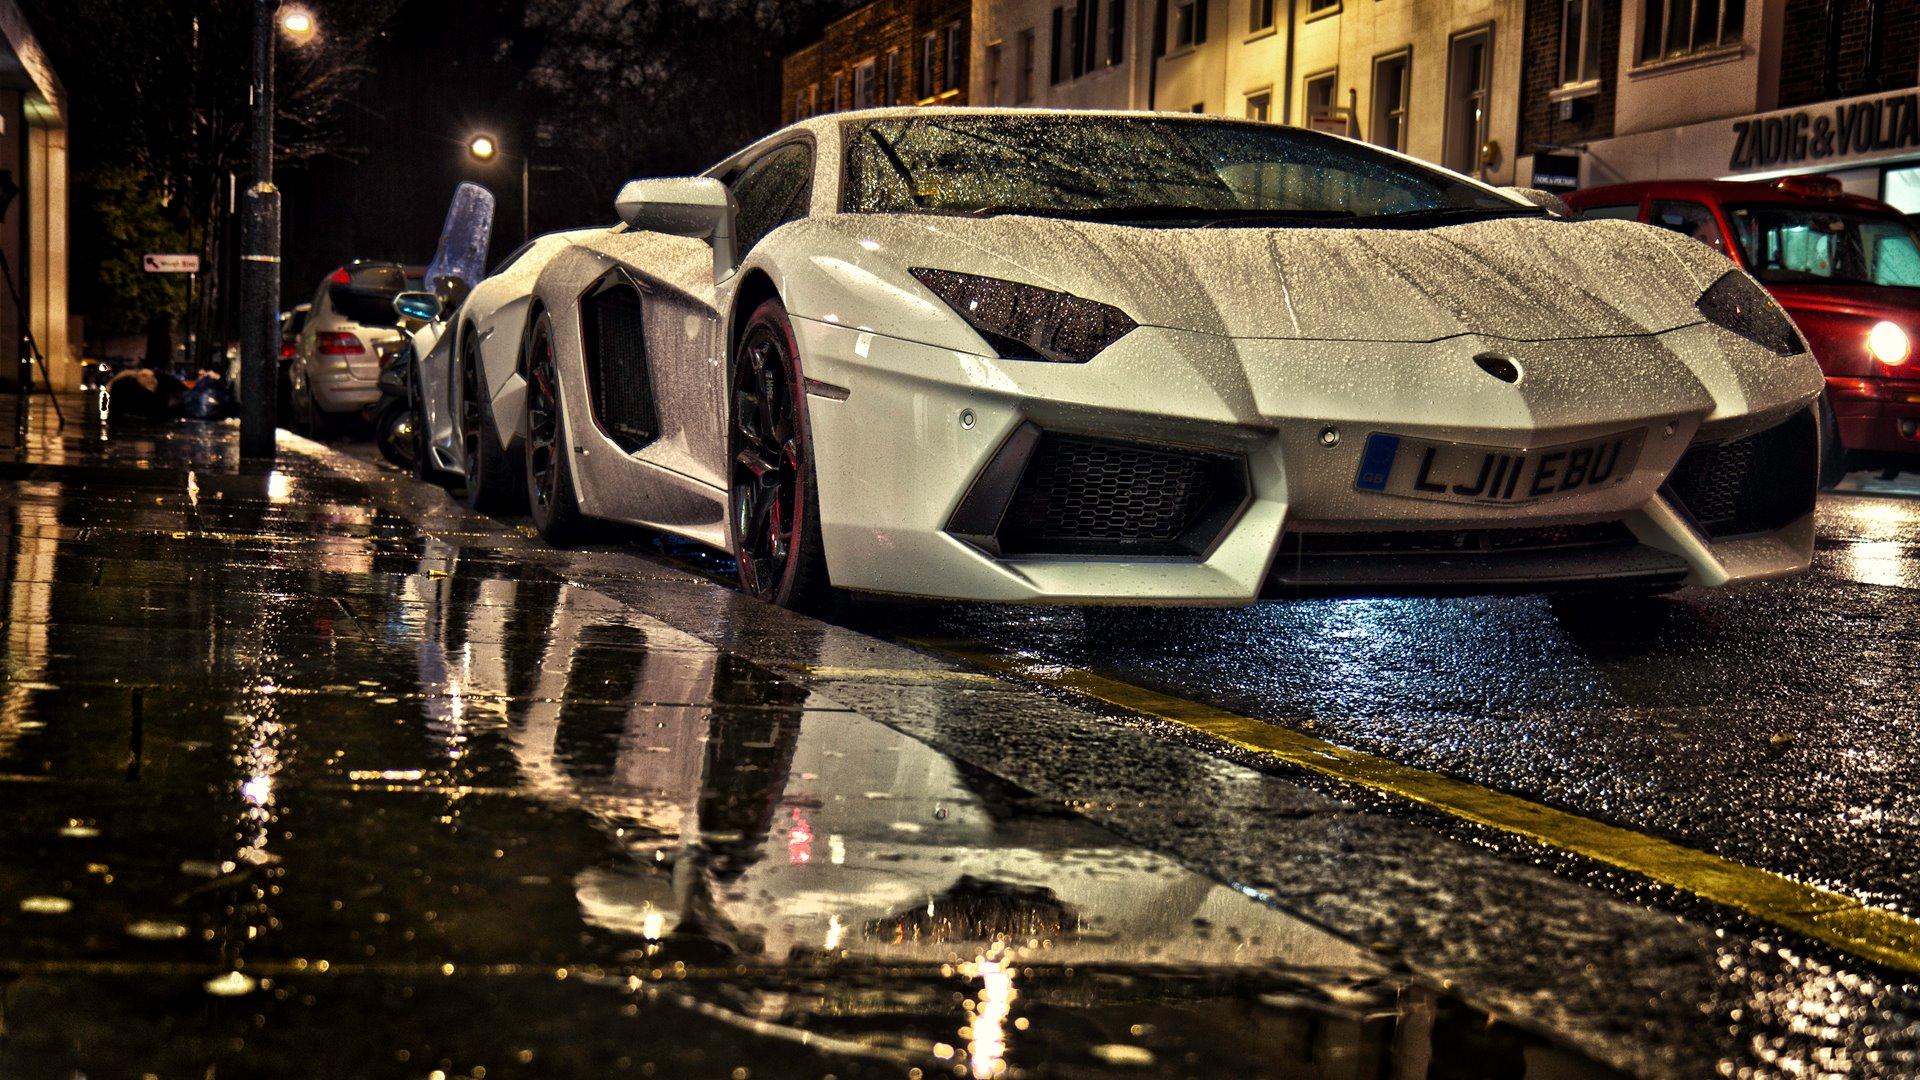 Supercar-Lamborghini-Wallpaper-for-dekstop-free-download